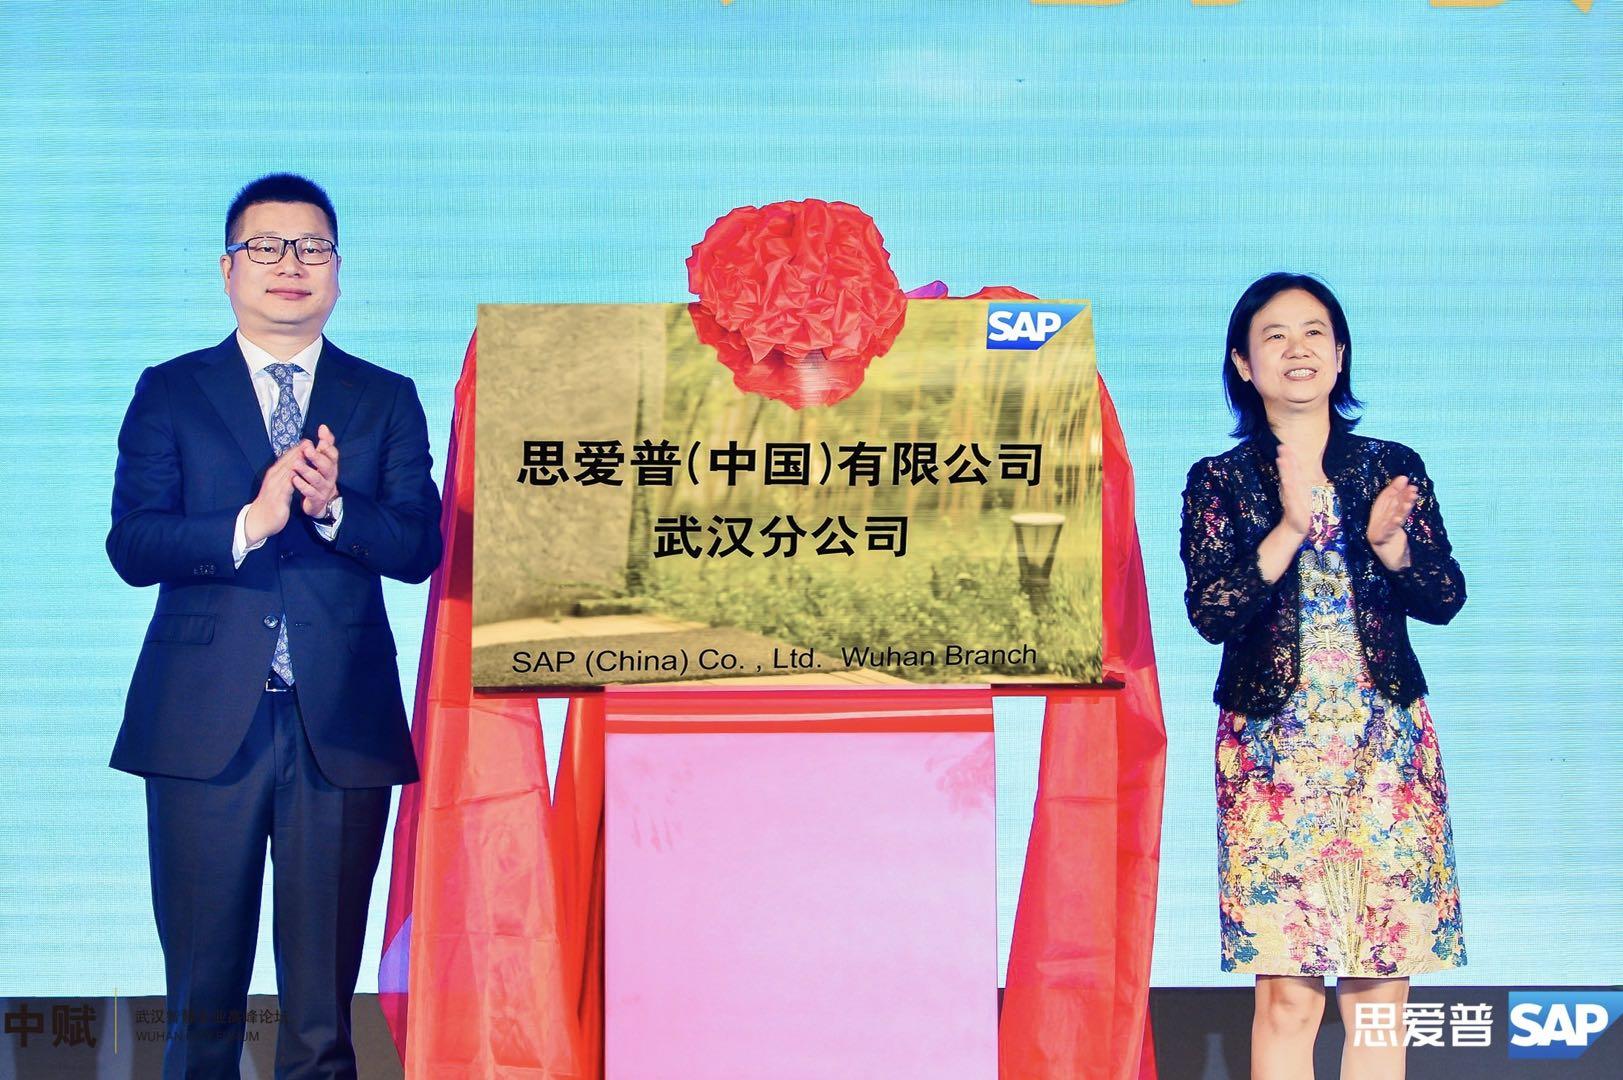 SAP武汉分公司成立,携手政府共建赋能中心